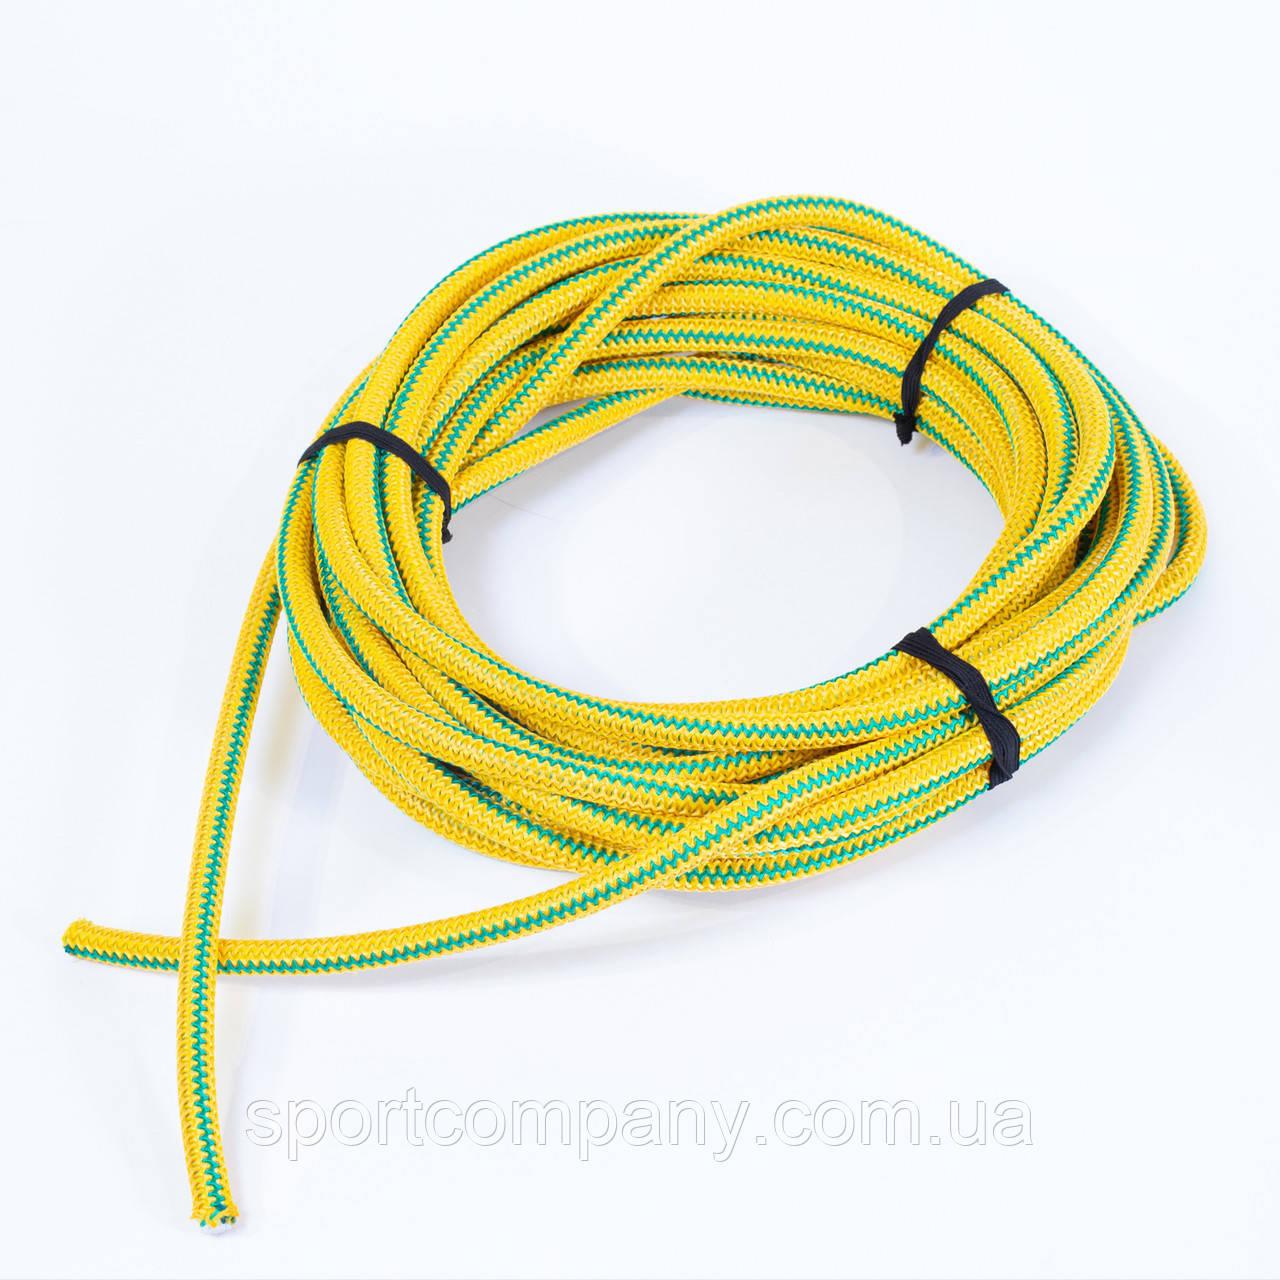 Жгут спортивный резиновый в тканевой оплетке ( резина, d-12 мм, I-300 см, желтый ) rez.yelow12